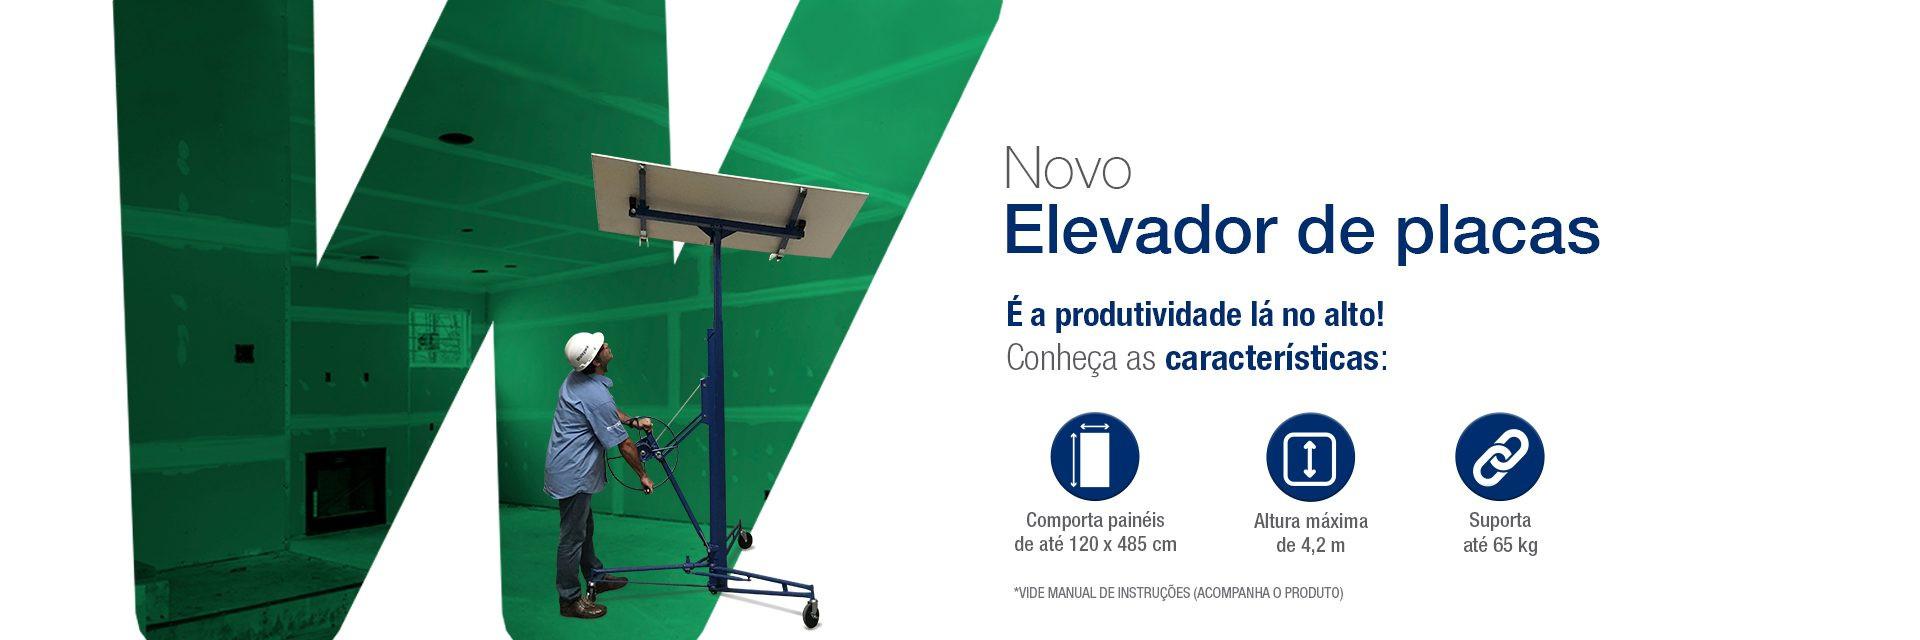 1616_Banner_Elevador_Placas-1-1920x640.j